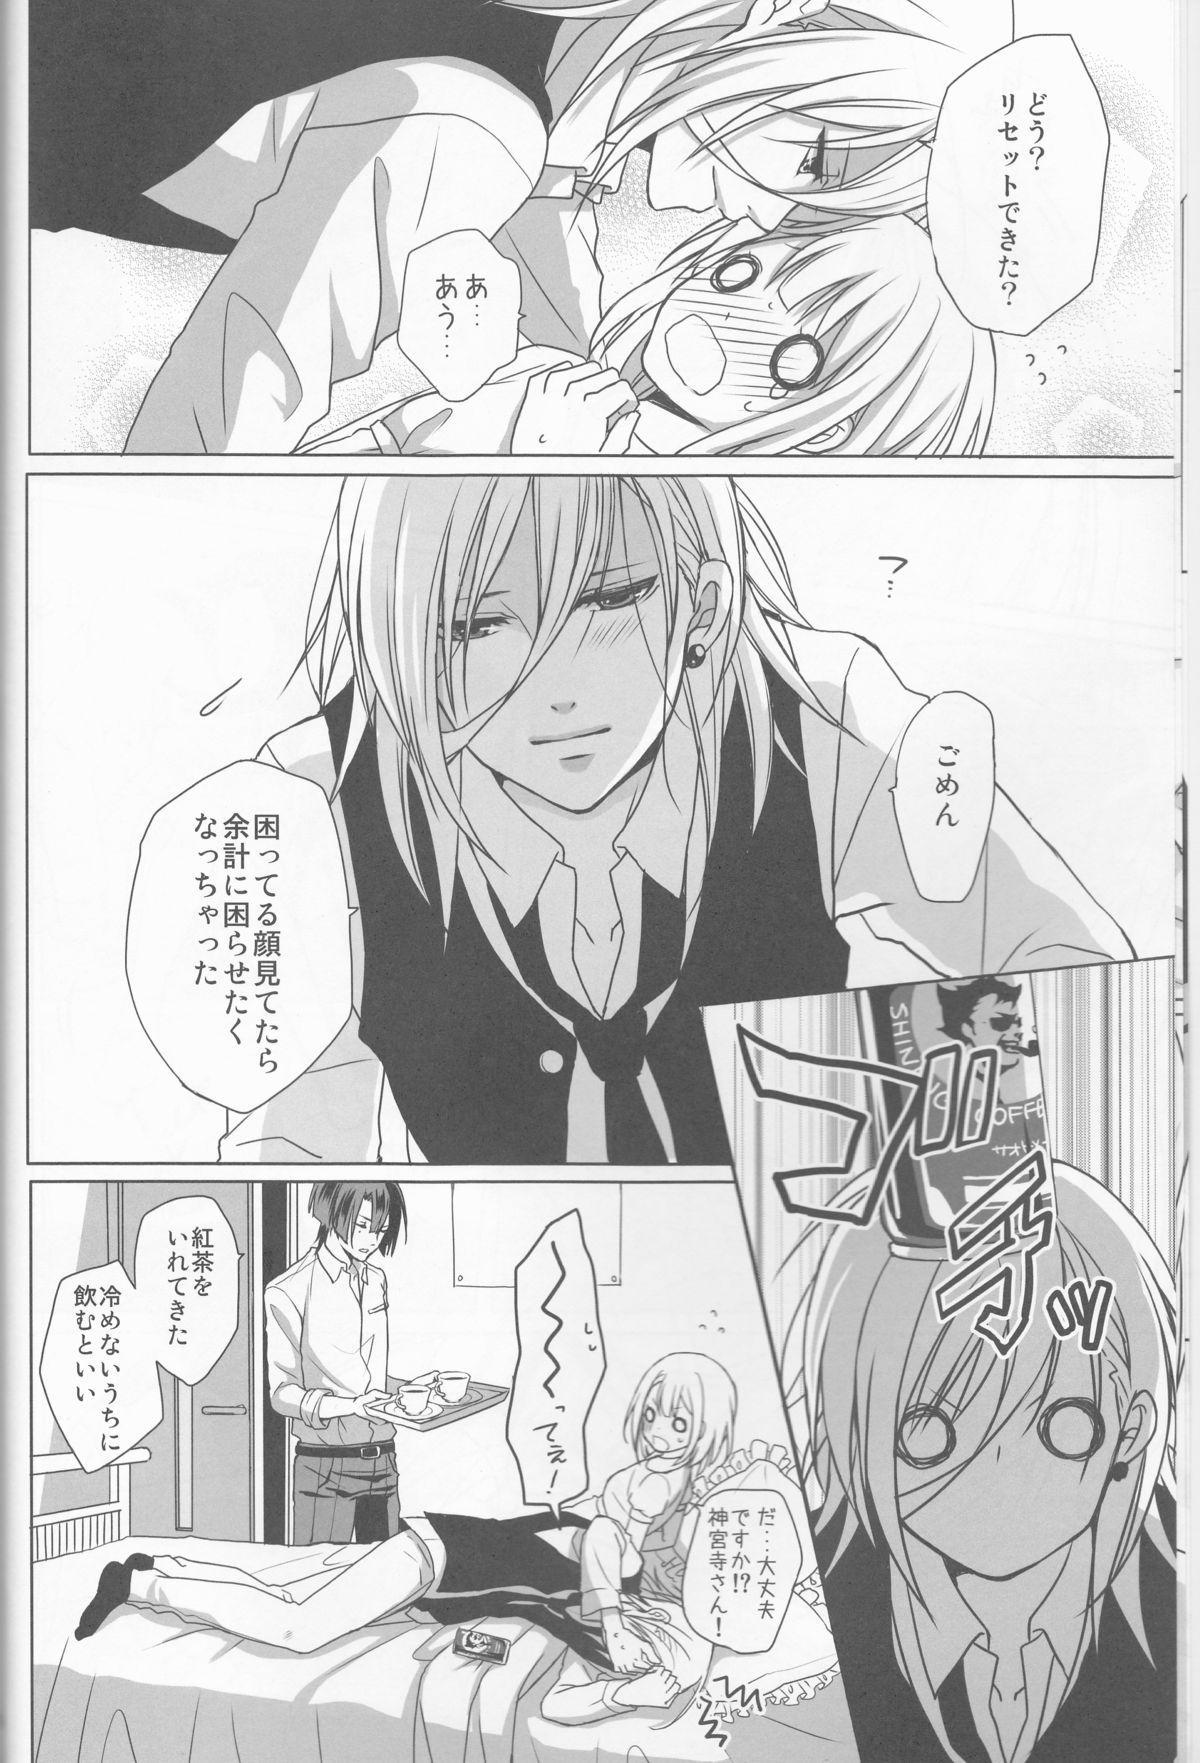 Ai o Utau Tenshi wa Bokura no Uta de Nemuru 7